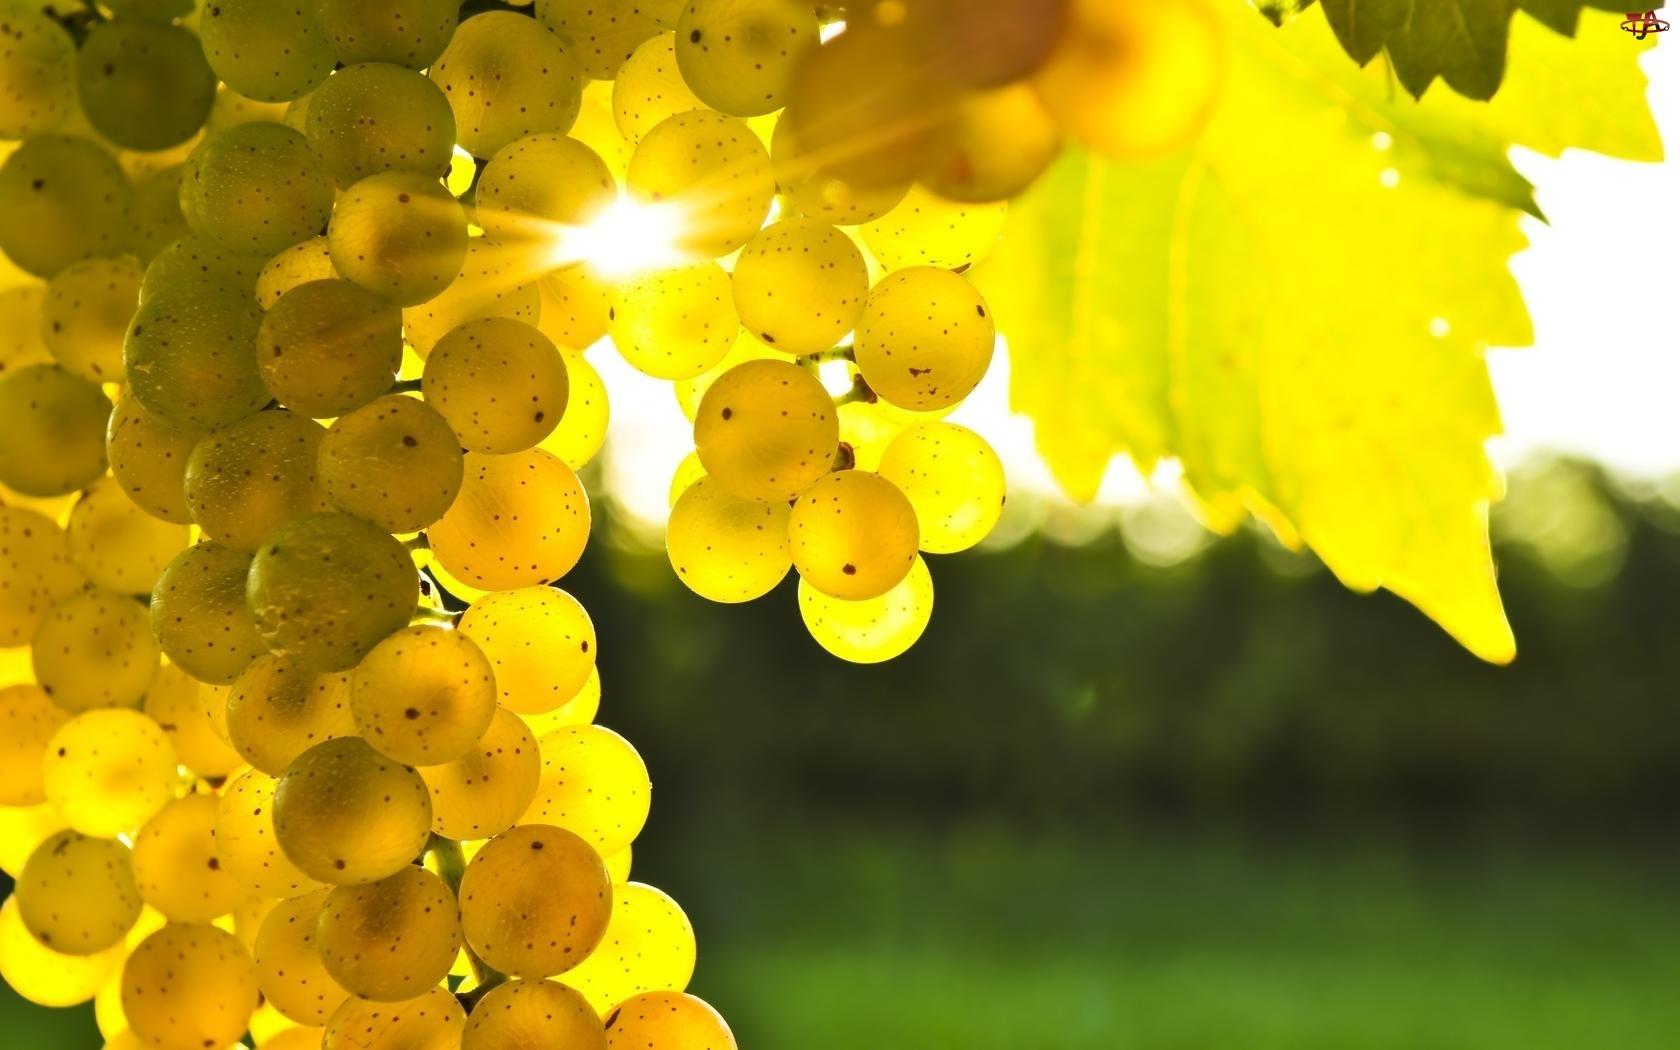 Winogrona, Słońce